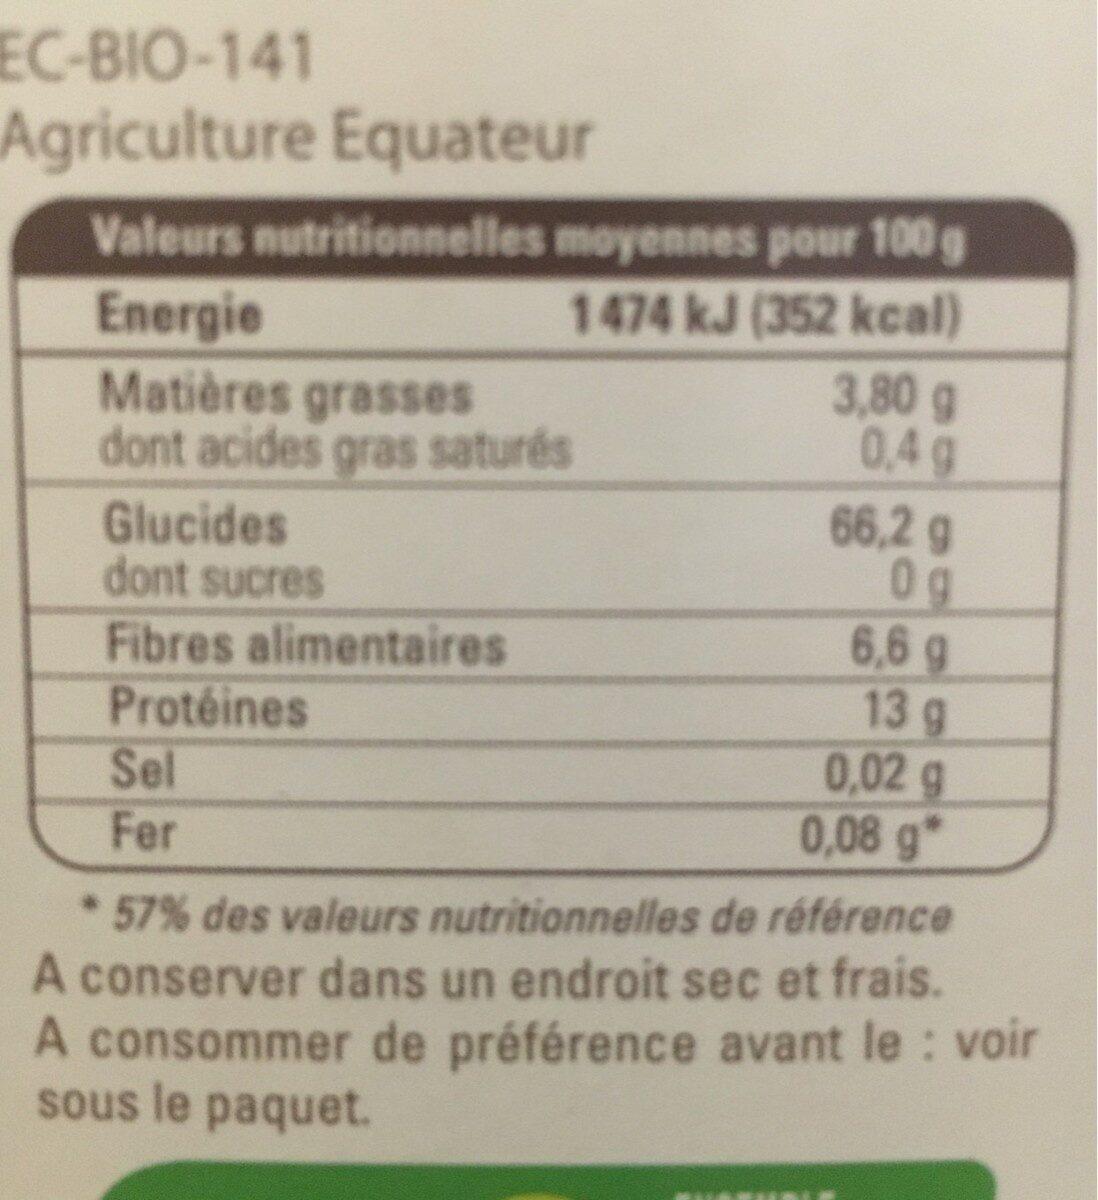 Quinoa de l'equateur - Informations nutritionnelles - fr